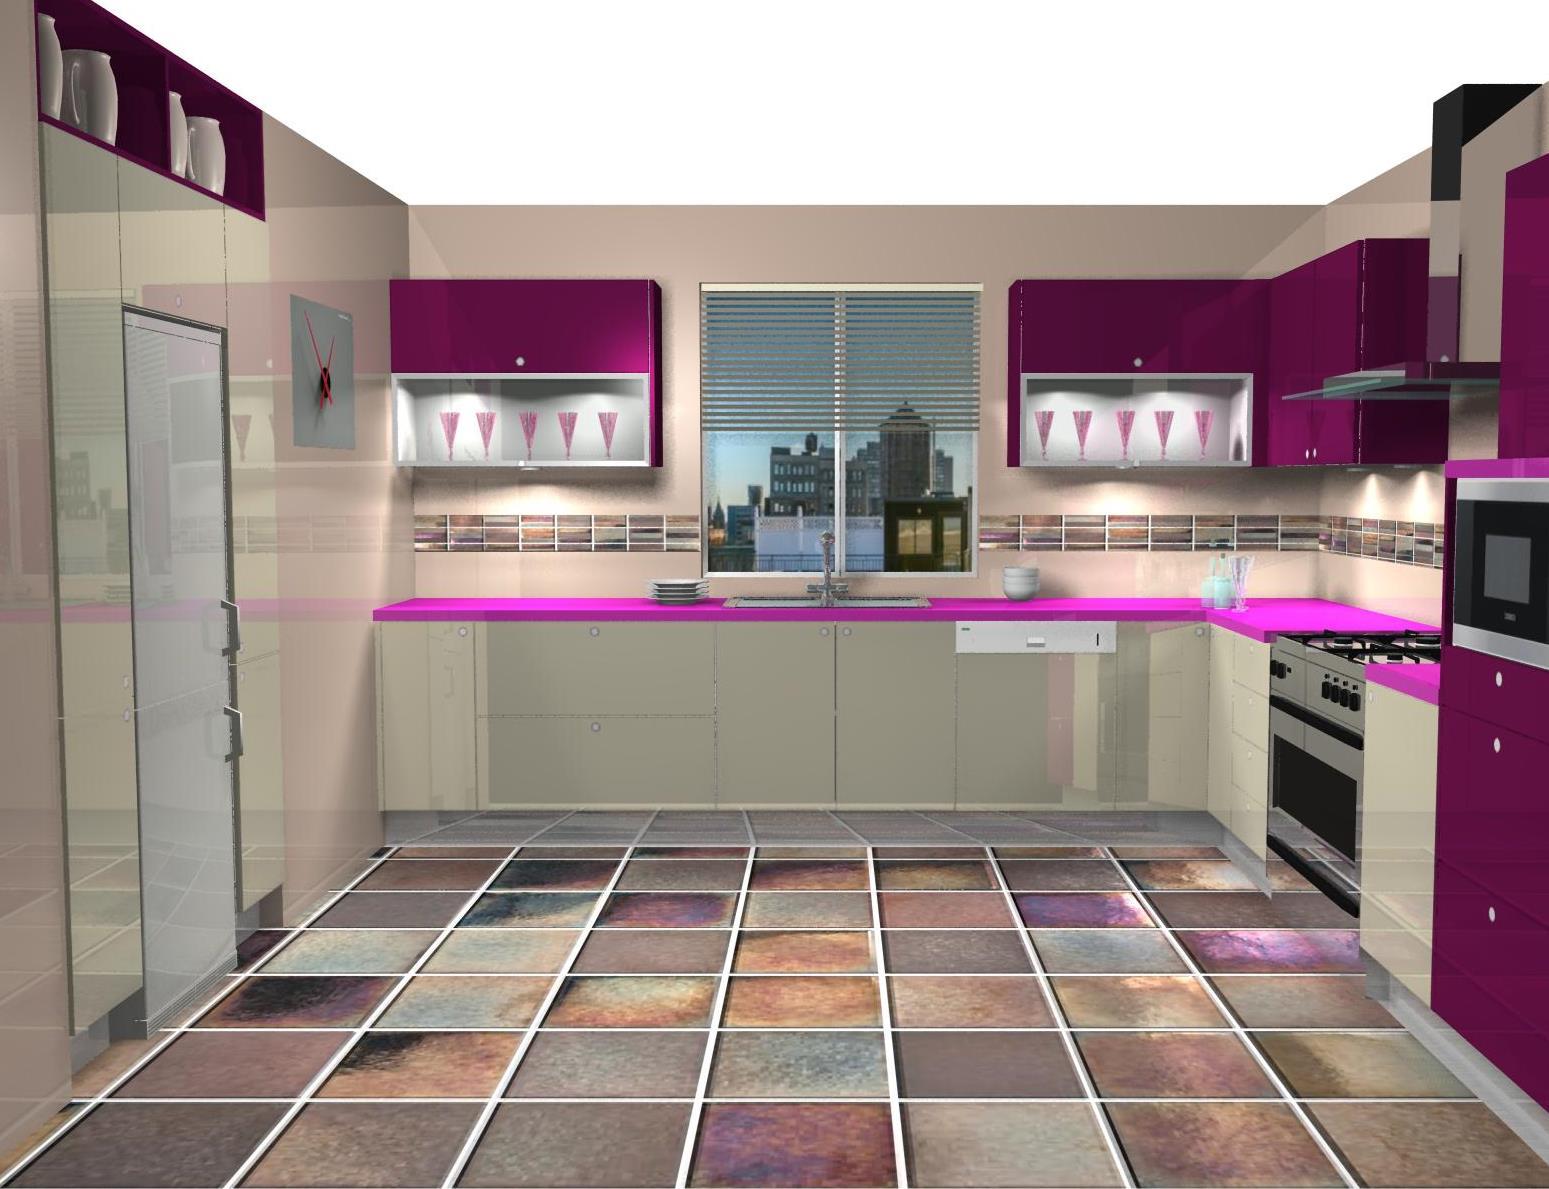 Cocina Color Berenjena Perfect Color Berenjena Para Una Cocina  # Muebles Color Fucsia